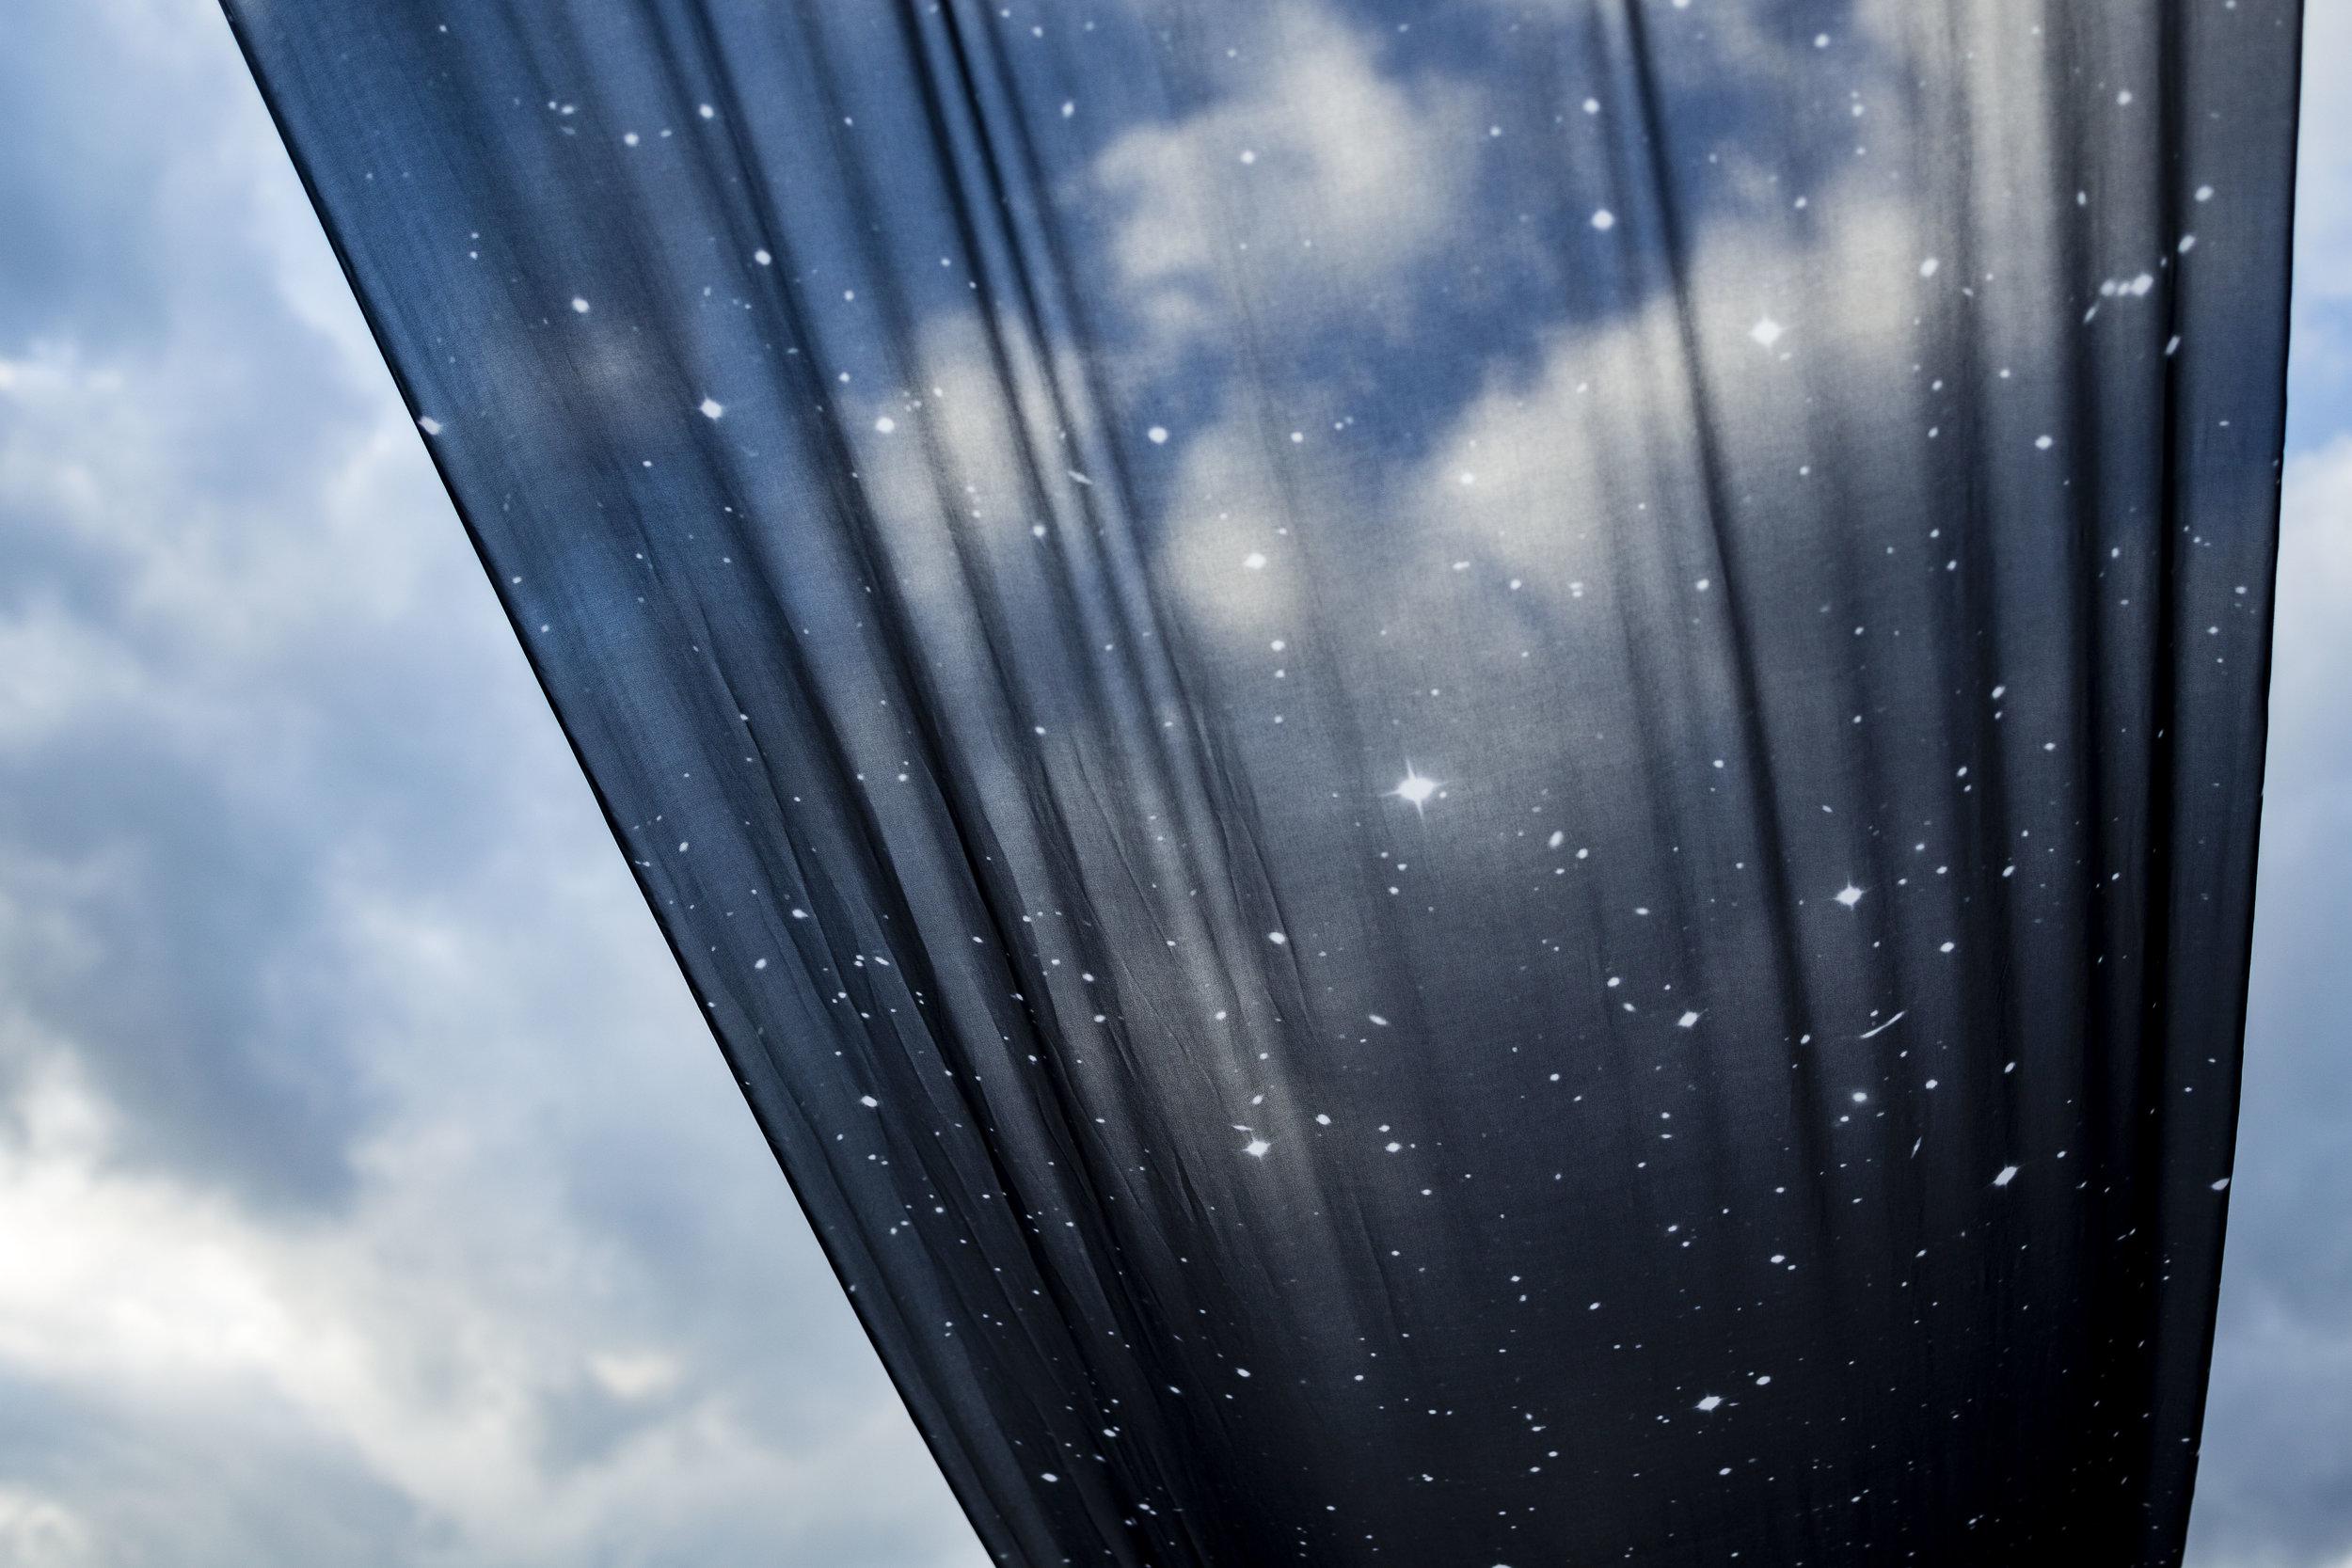 銀河 Ginga (The Silver River in Heaven) printed fabric, stainless steel 58 x 2400 inches